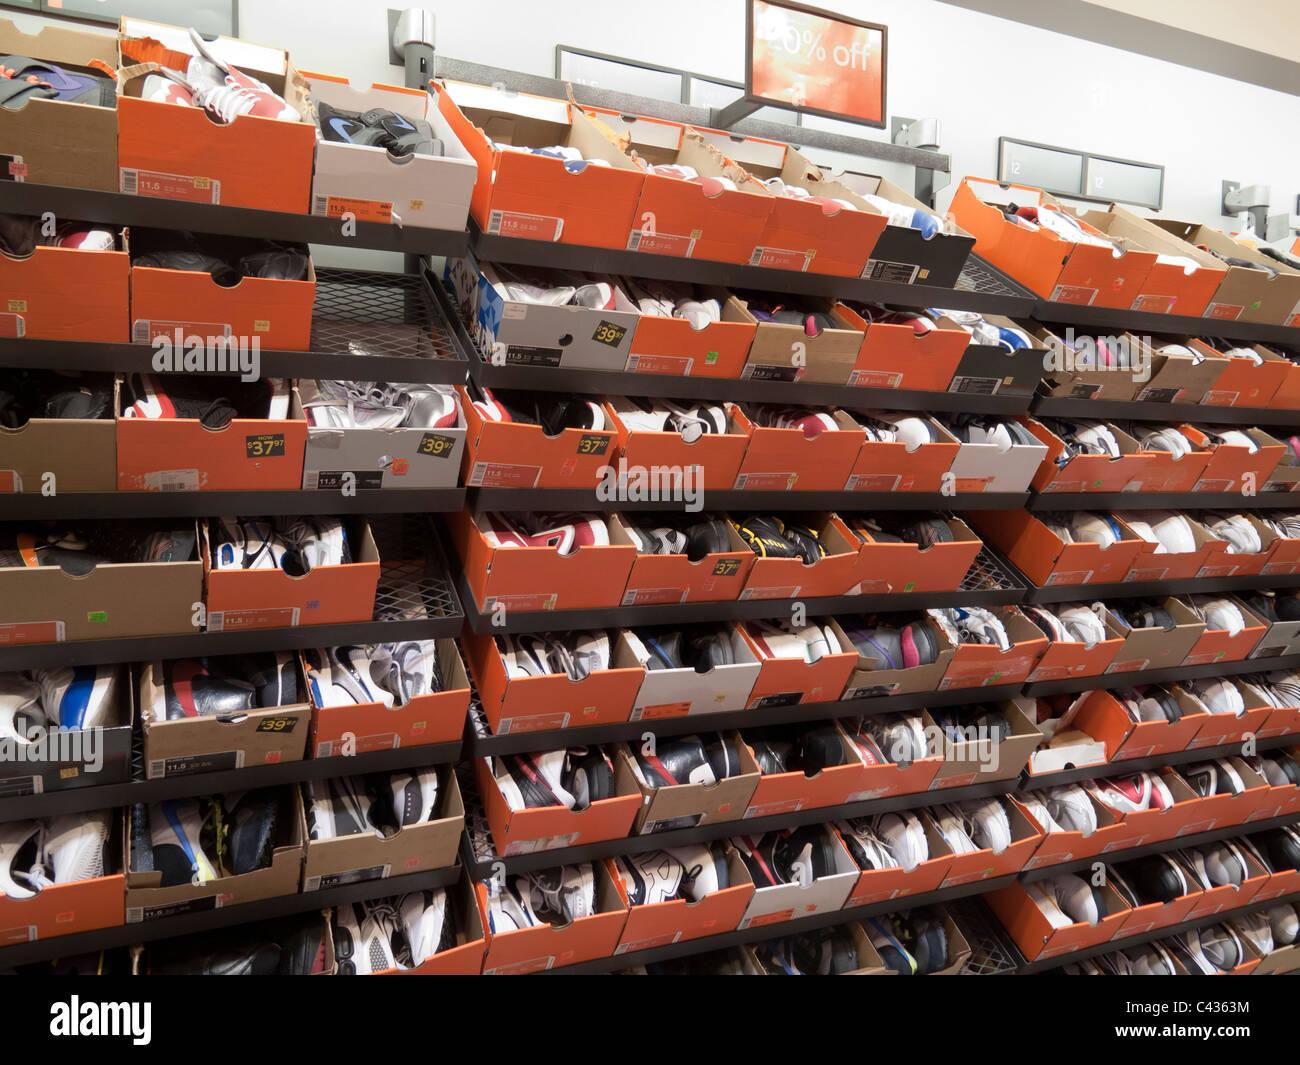 Schuhe zum Verkauf an NIke Outlet Store, Tanger Outlets